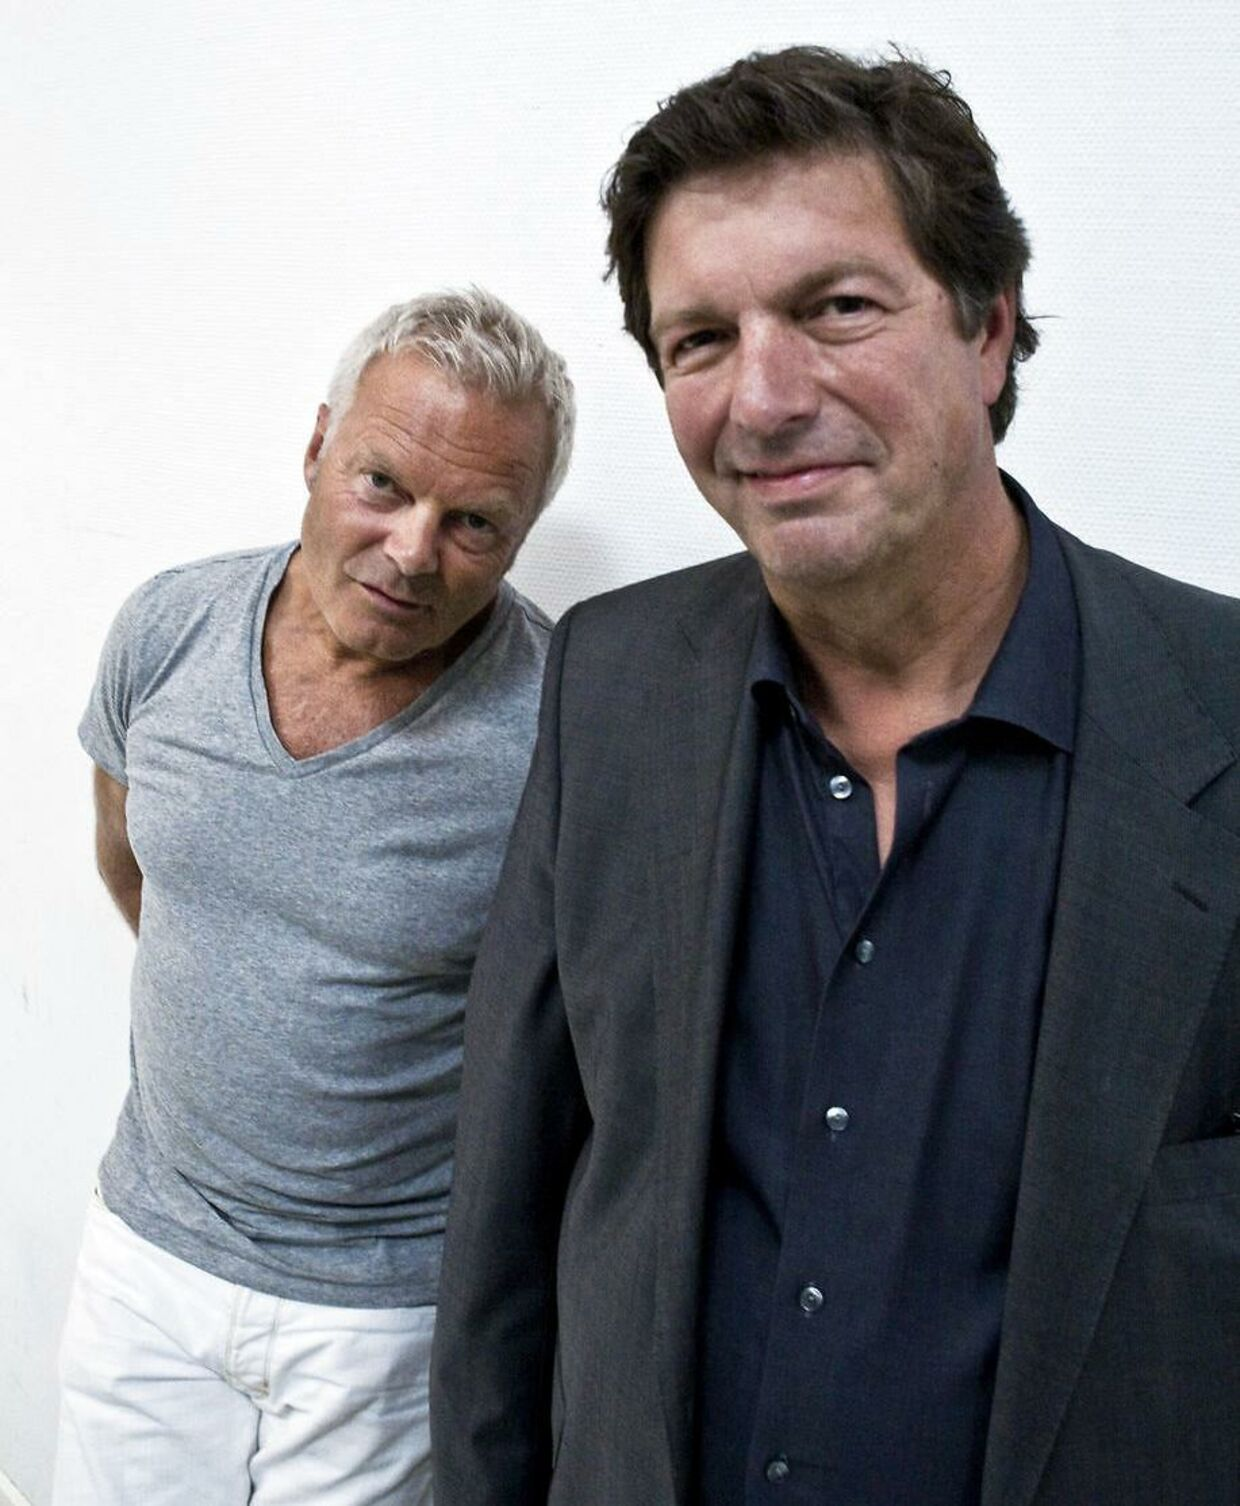 Ole Stephensen og Jarl Friis Mikkelsen udgjorde makkerparret Walter og Carlo. Arkivfoto